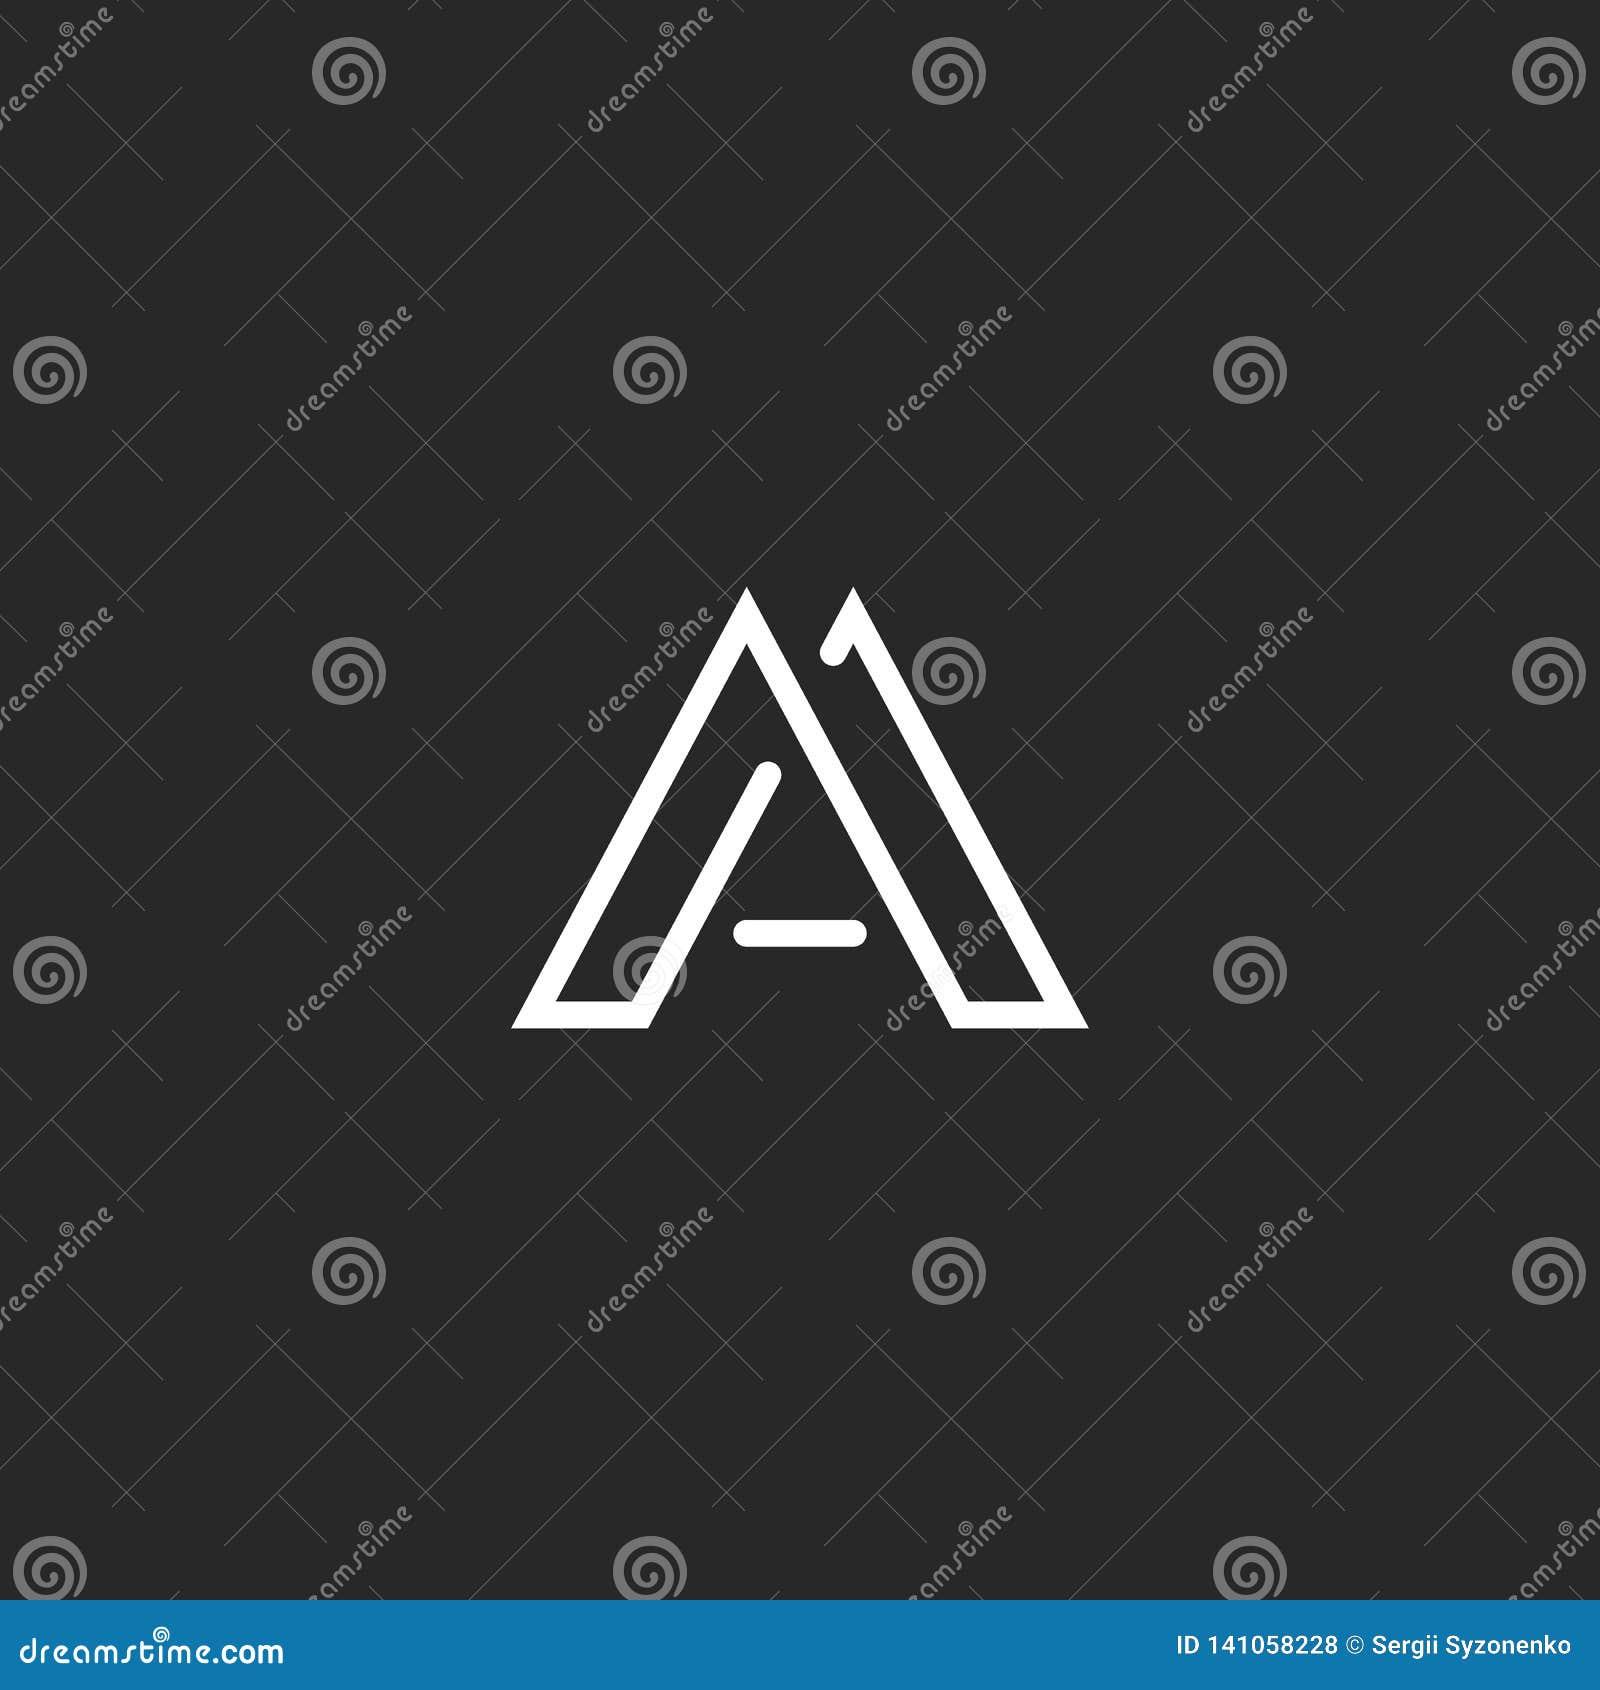 Pisze list A logo monogram, projekta modnisia cienki kreskowy emblemat, mockup czarny i biały elegancka wizytówka